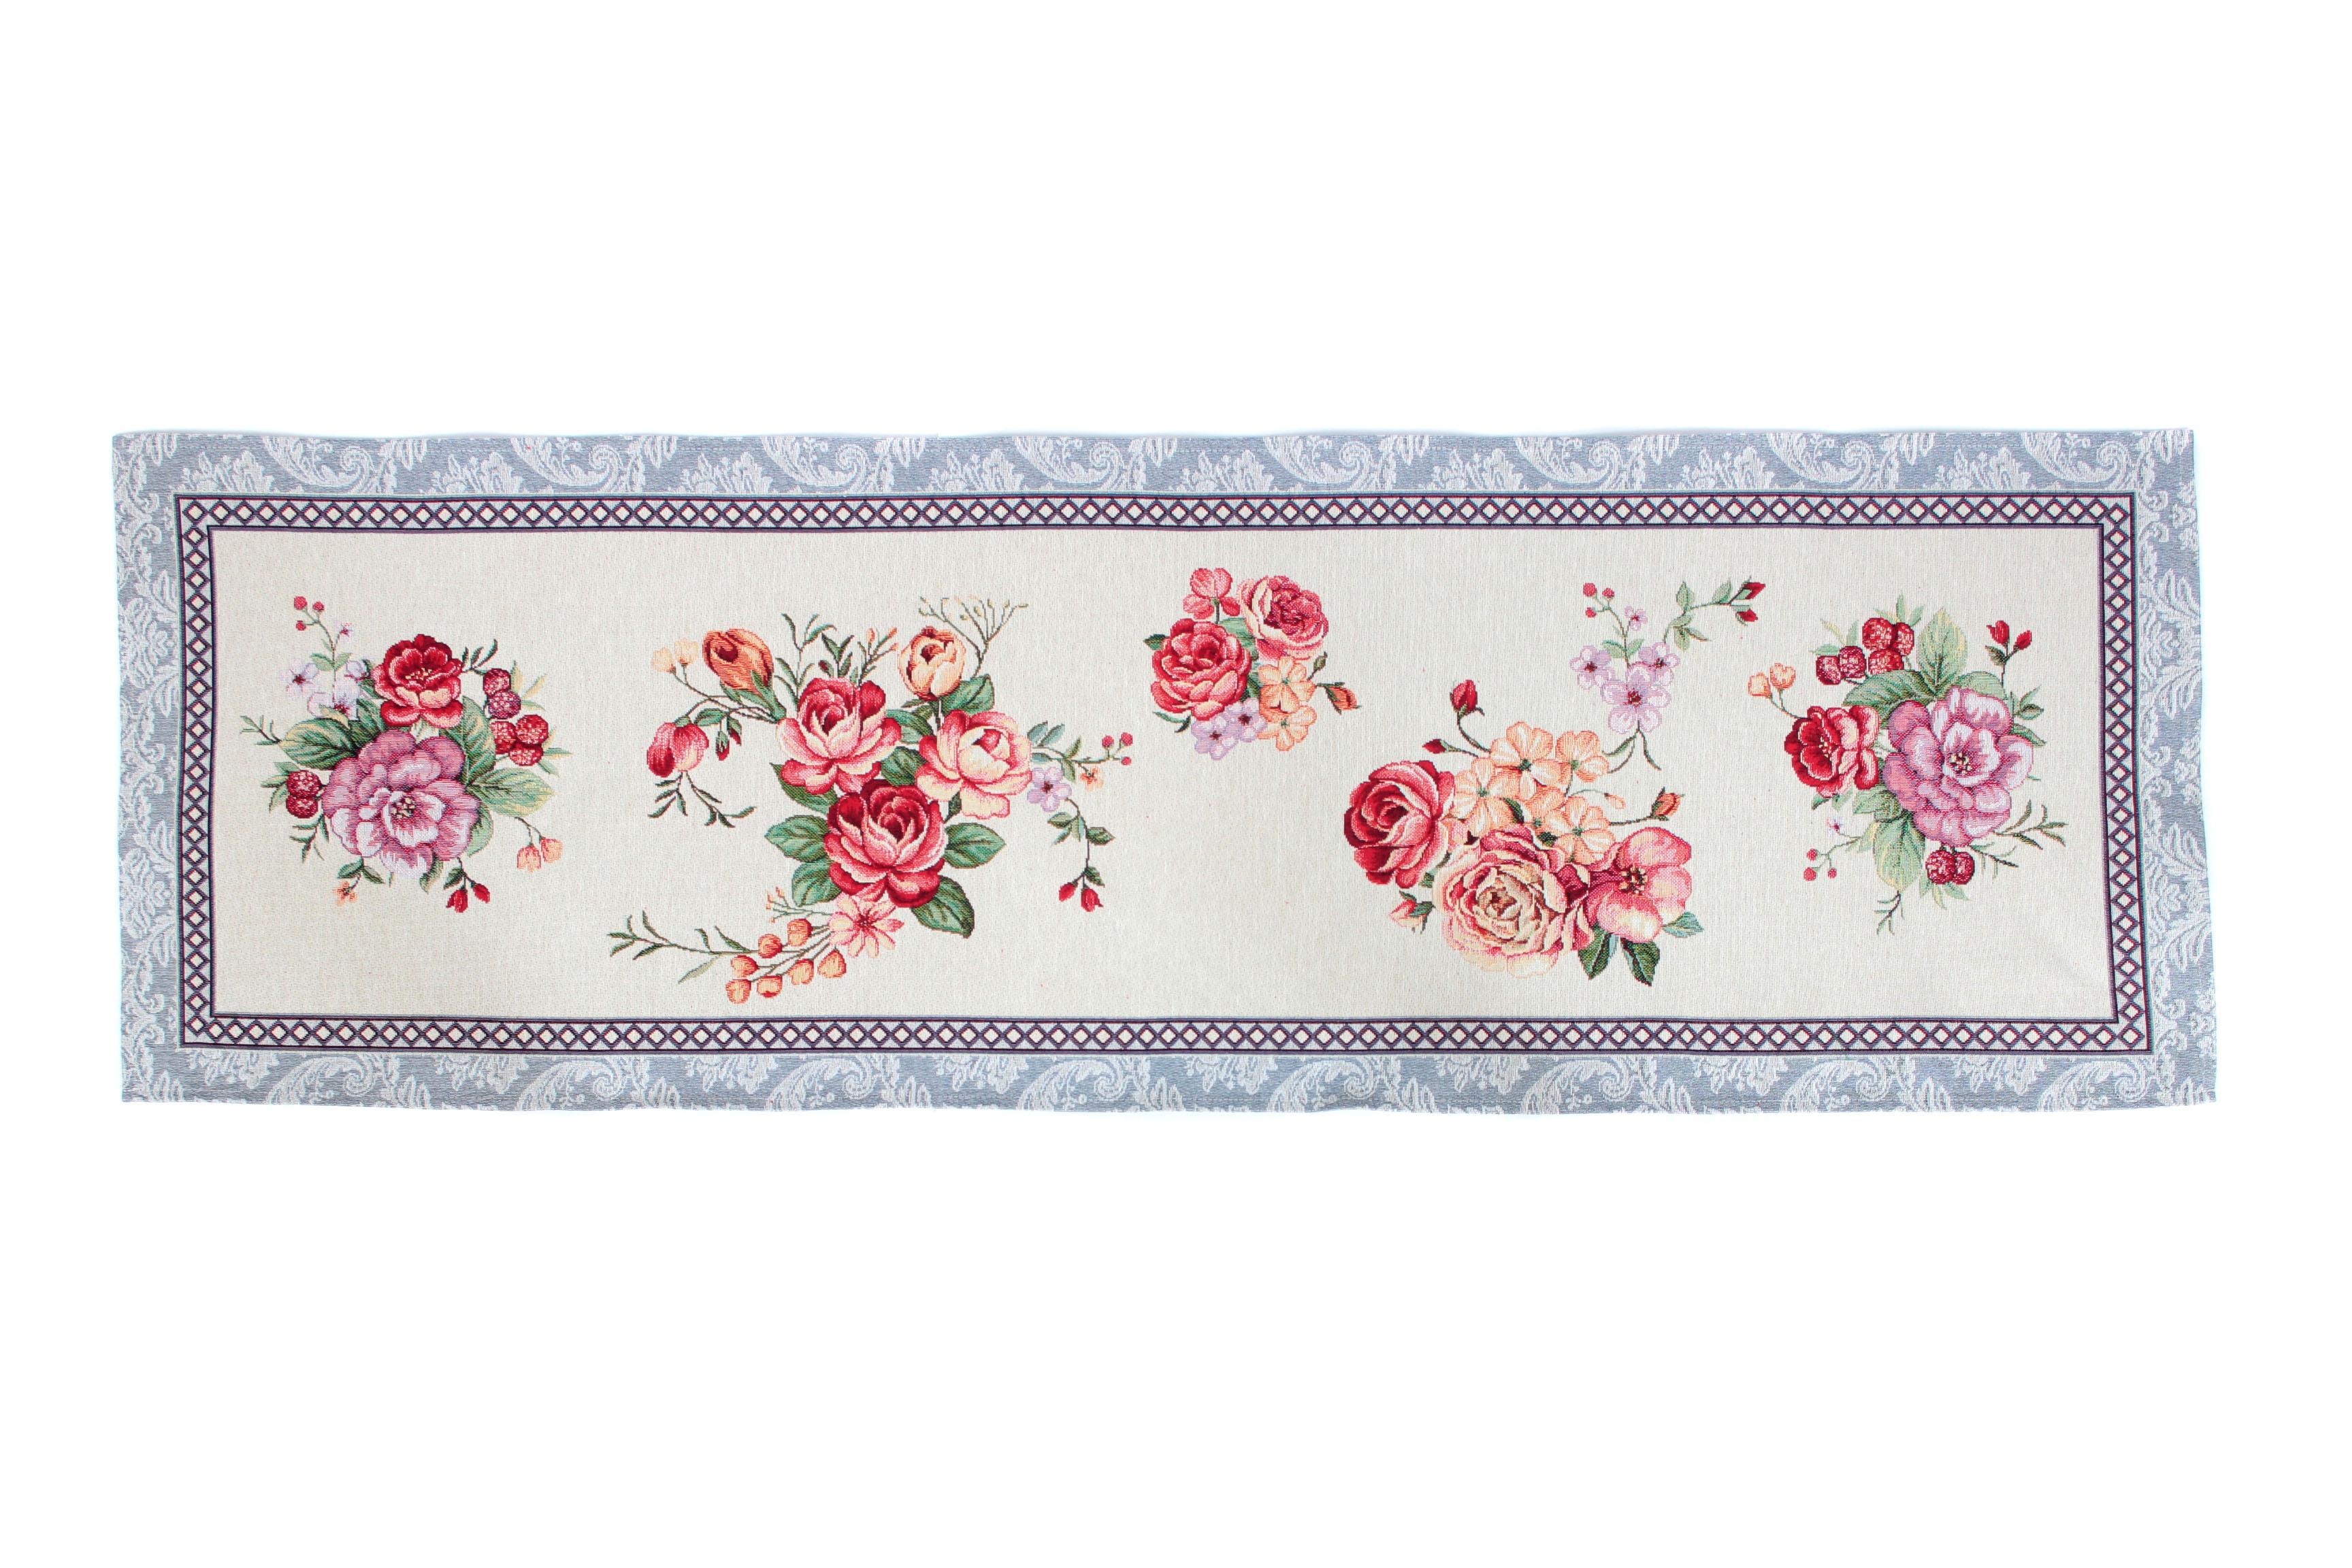 цена на Салфетка столовая Магазин гобеленов цветы 45*140 см, Гобелен